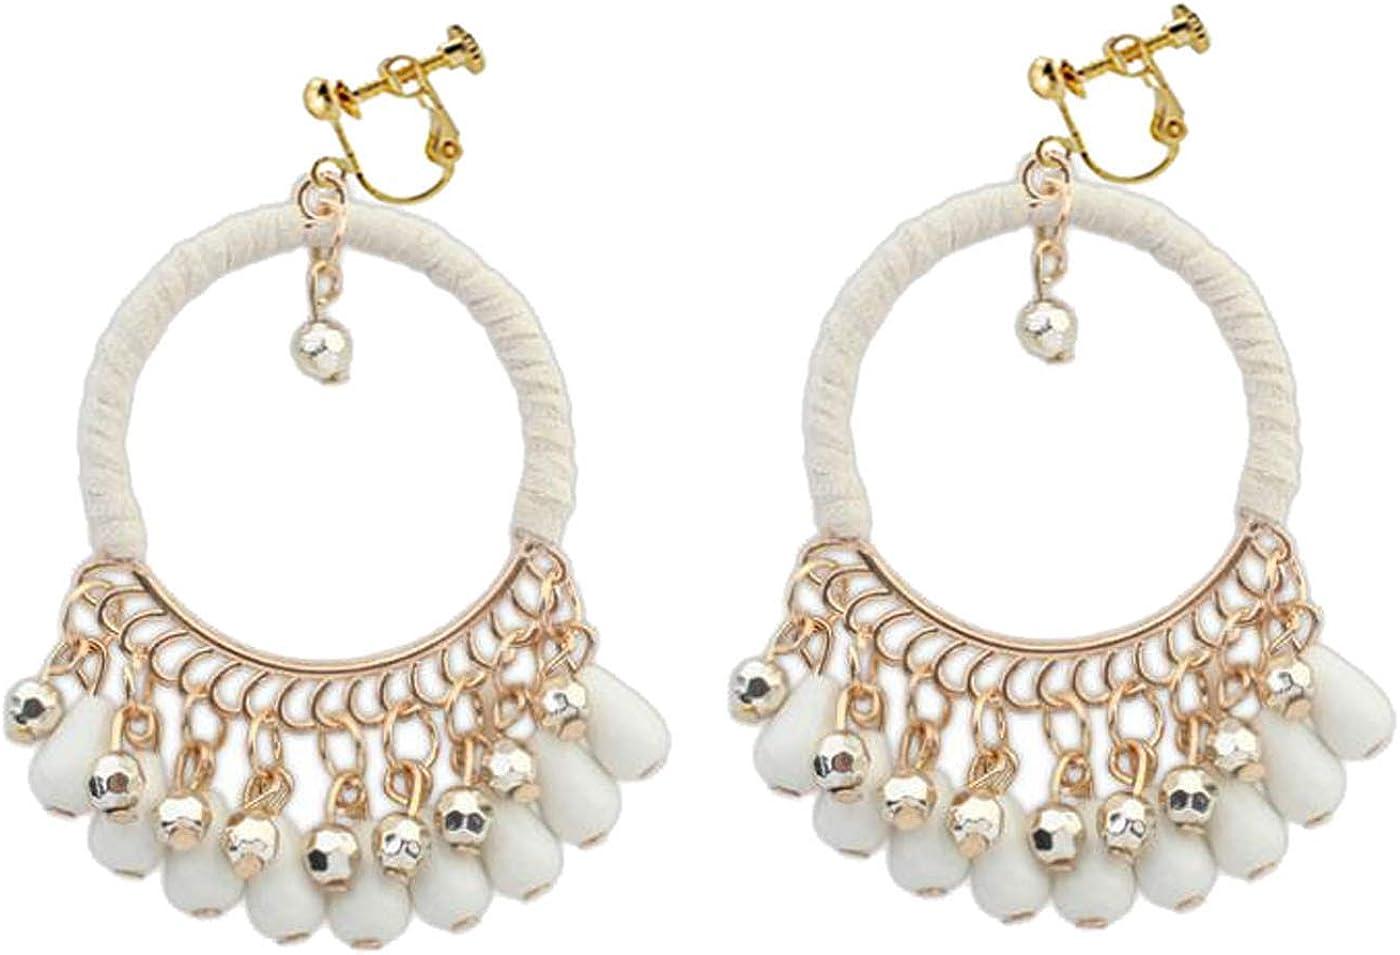 Retro Clip on Earrings Bohemian Earrings for Women Girls Handmade Braid Dangle Drop Beaded Tassel Vintage Statement